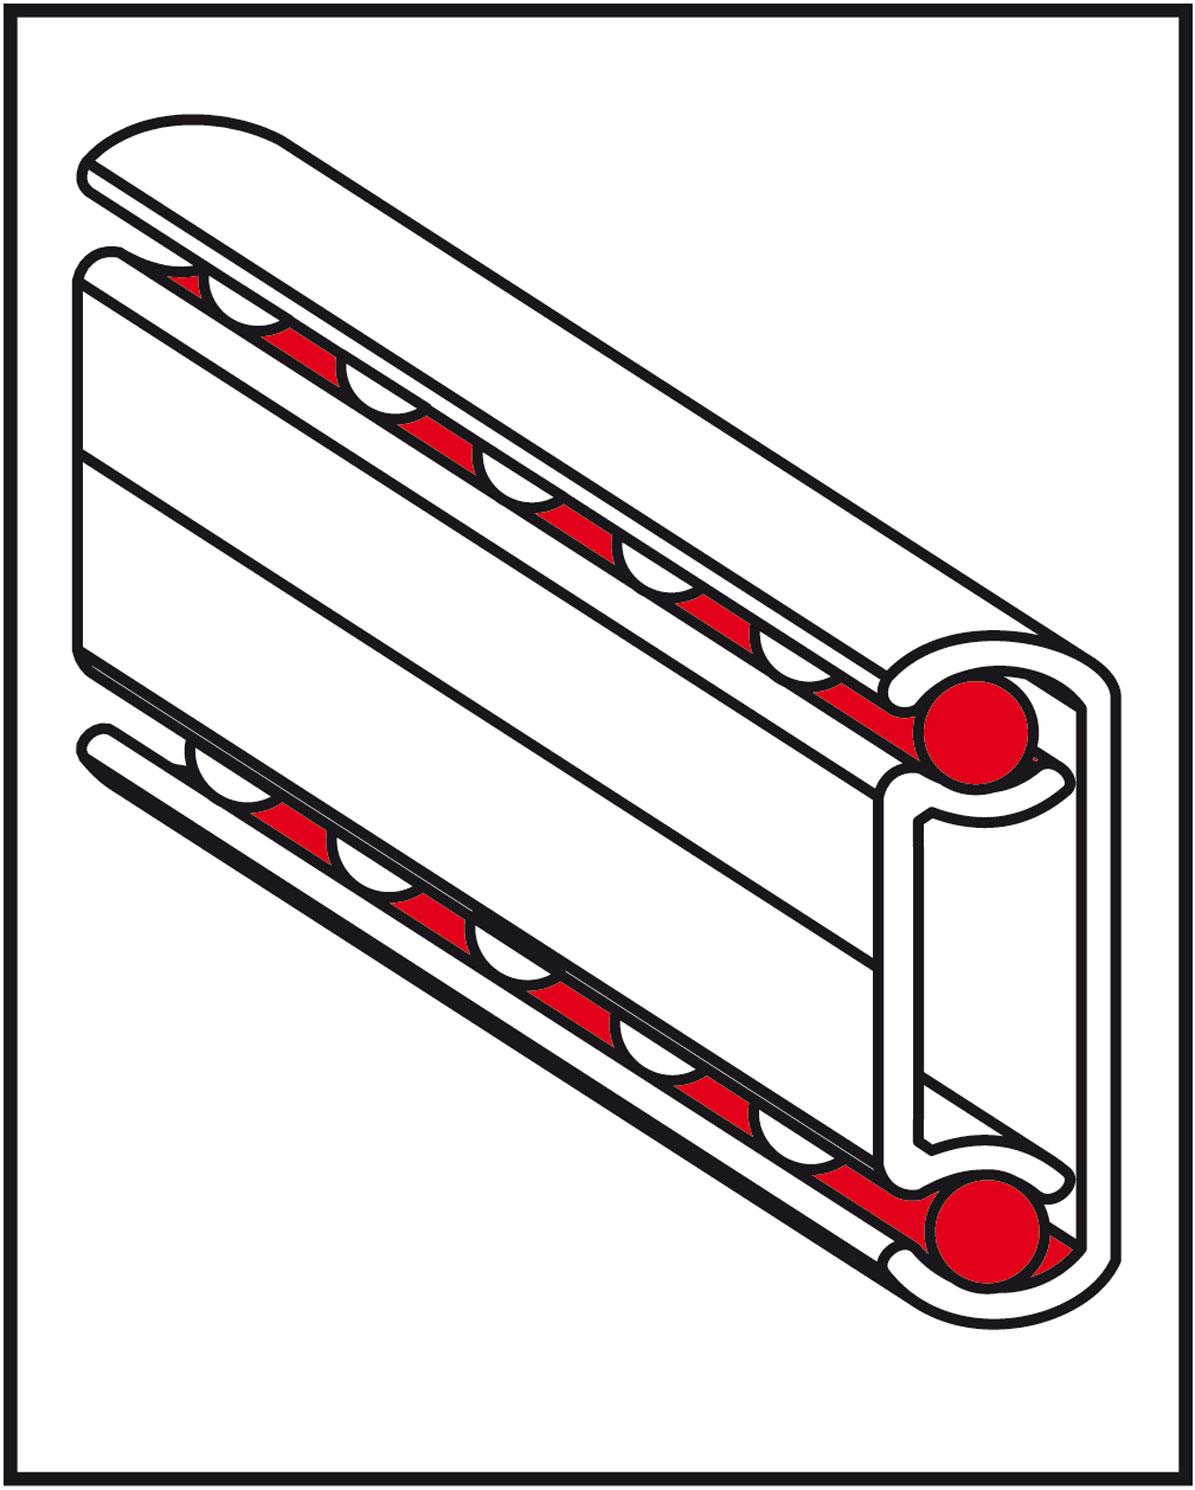 15_linearfuehrungssysteme.jpg